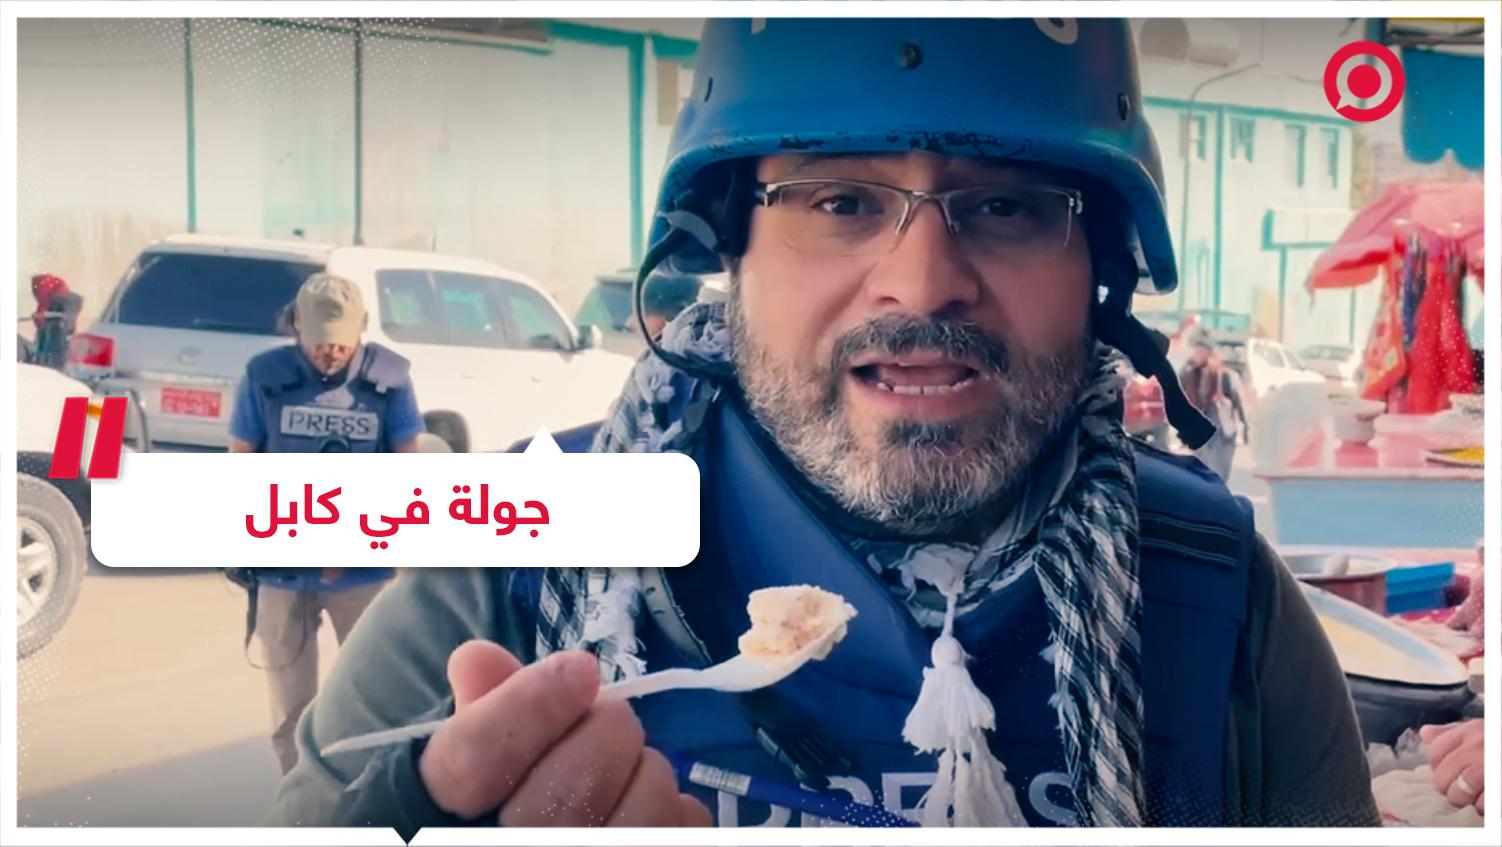 عدسة RT ترصد الأجواء في شوارع كابل